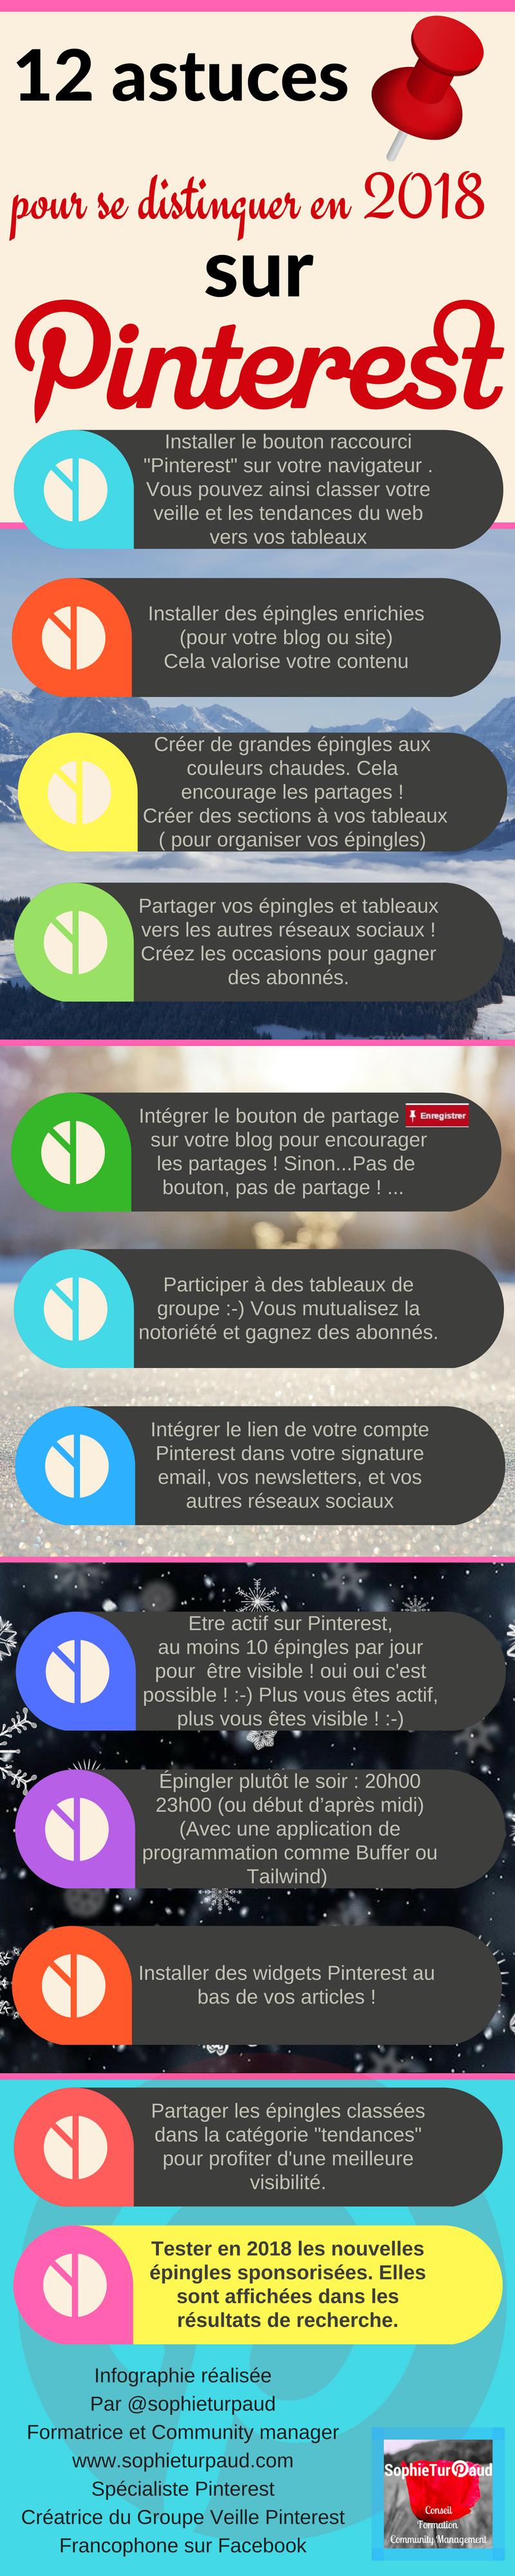 12 astuces pour se distinguer sur Pinterest via @sophieturpaud